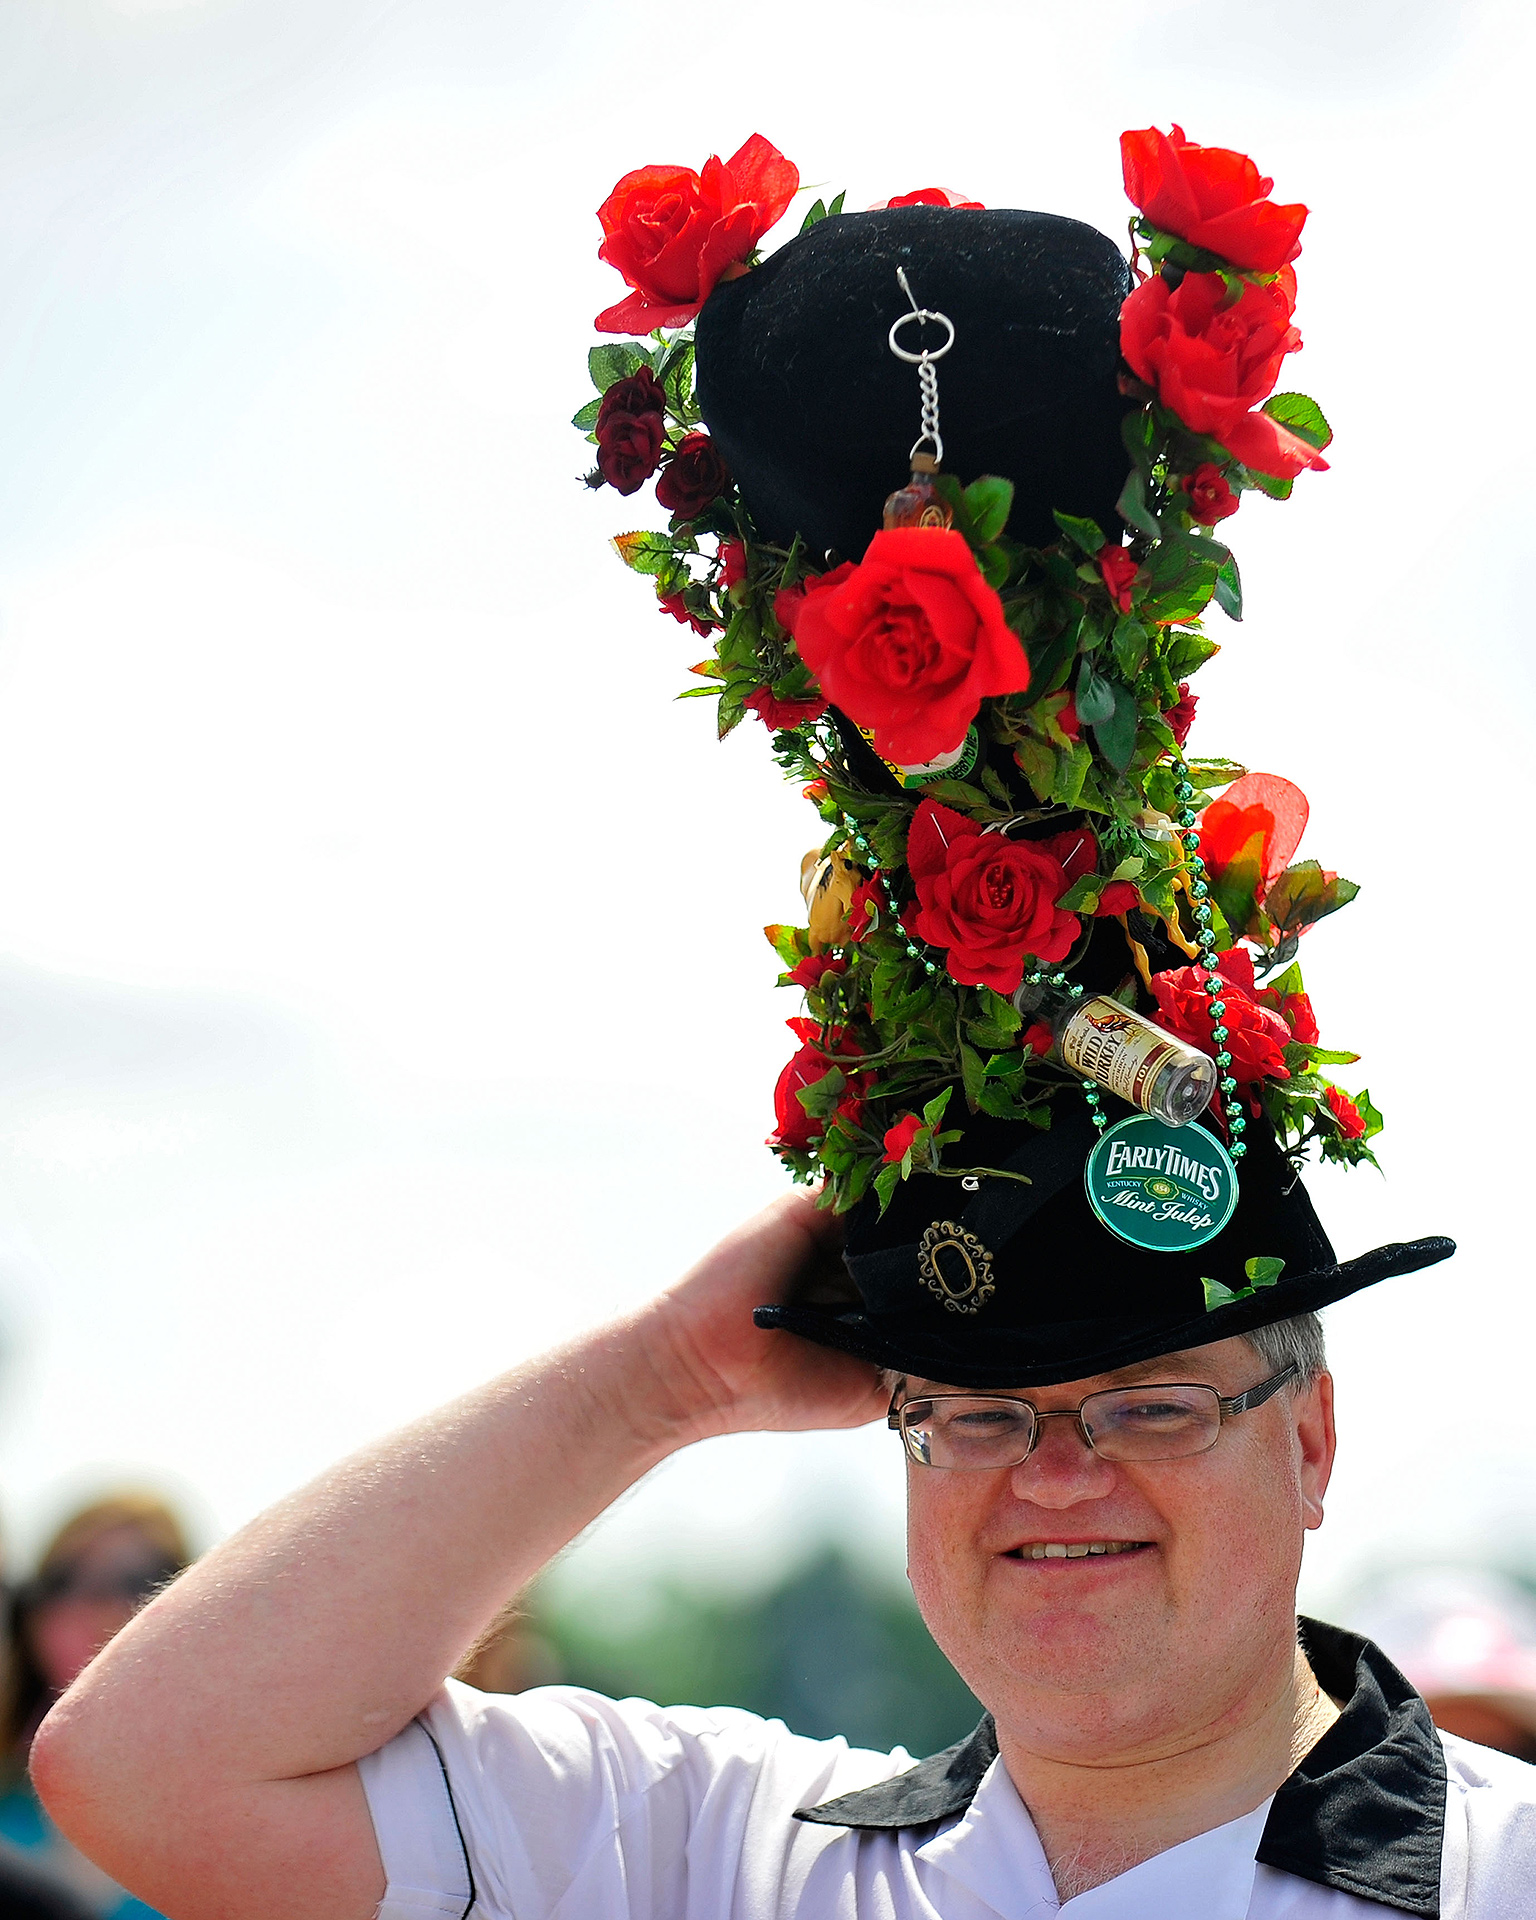 Crazy Derby Hats: Worst Kentucky Derby Fashion